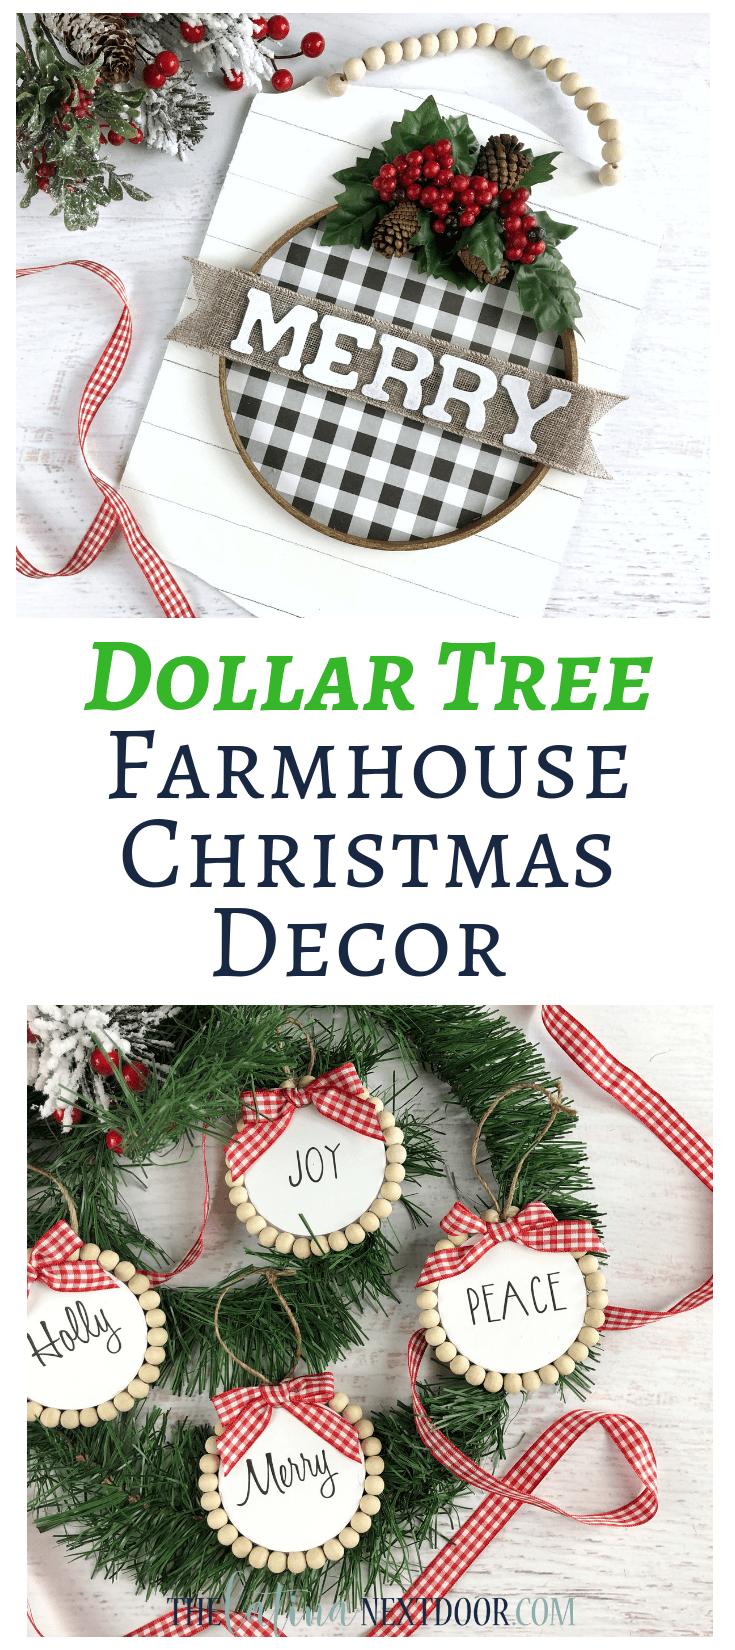 Dollar Tree Farmhouse Christmas Ornaments The Latina Next Door Farmhouse Christmas Ornaments Diy Dollar Tree Christmas Decor Diy Christmas Ornaments